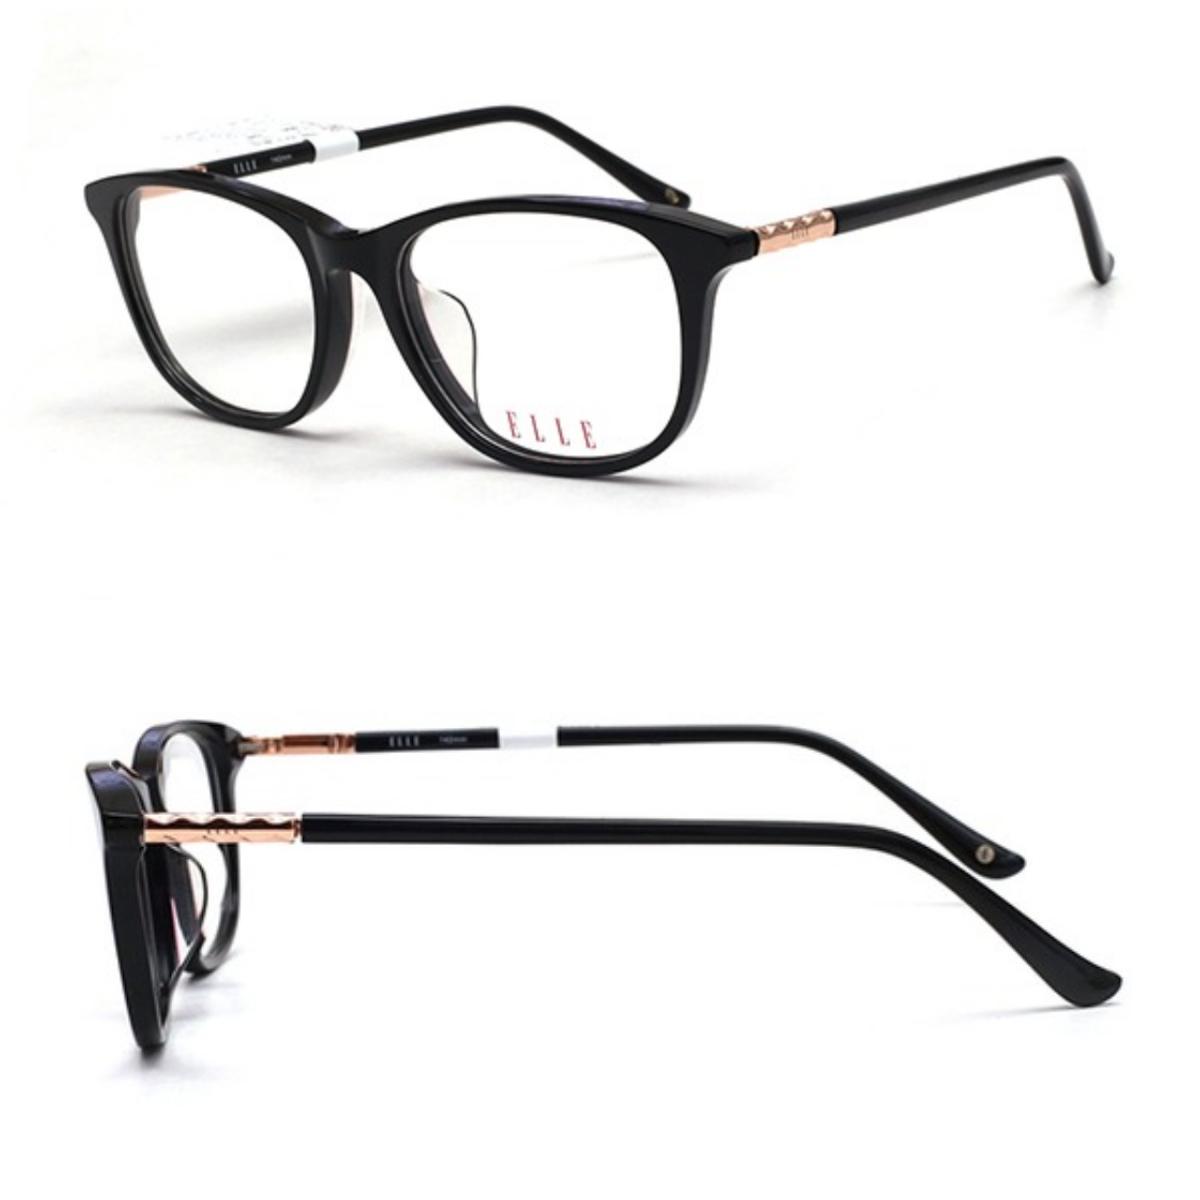 Mắt kính Elle EL14392-BK với dáng tròng hình chữ nhật bo tròn các cạnh tạo cảm giác mềm mại, giúp hài hòa các đường nét trên gương mặt. Chất liệu nhựa và hợp kim cao cấp, hạn chế biến dạng hay gãy khi va đập. Càng kính phối kim loại vàng tạo điểm nhấn sang trọng cho người đeo.